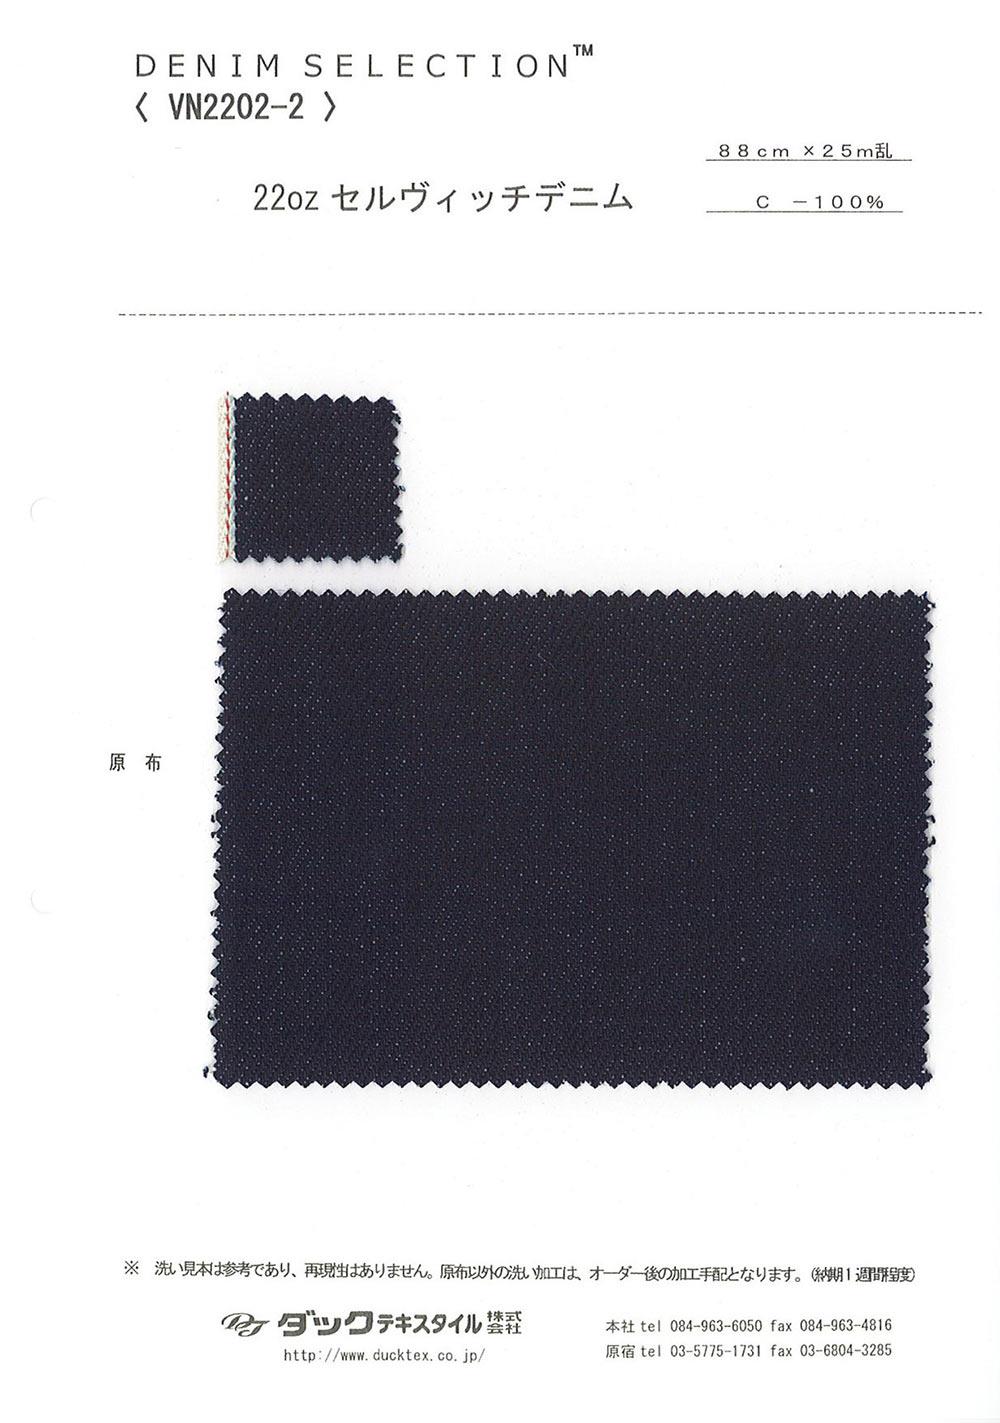 VN2202-2 22オンスセルビッチデニム[生地] ダックテキスタイル/オークラ商事 - ApparelX アパレル資材卸通販